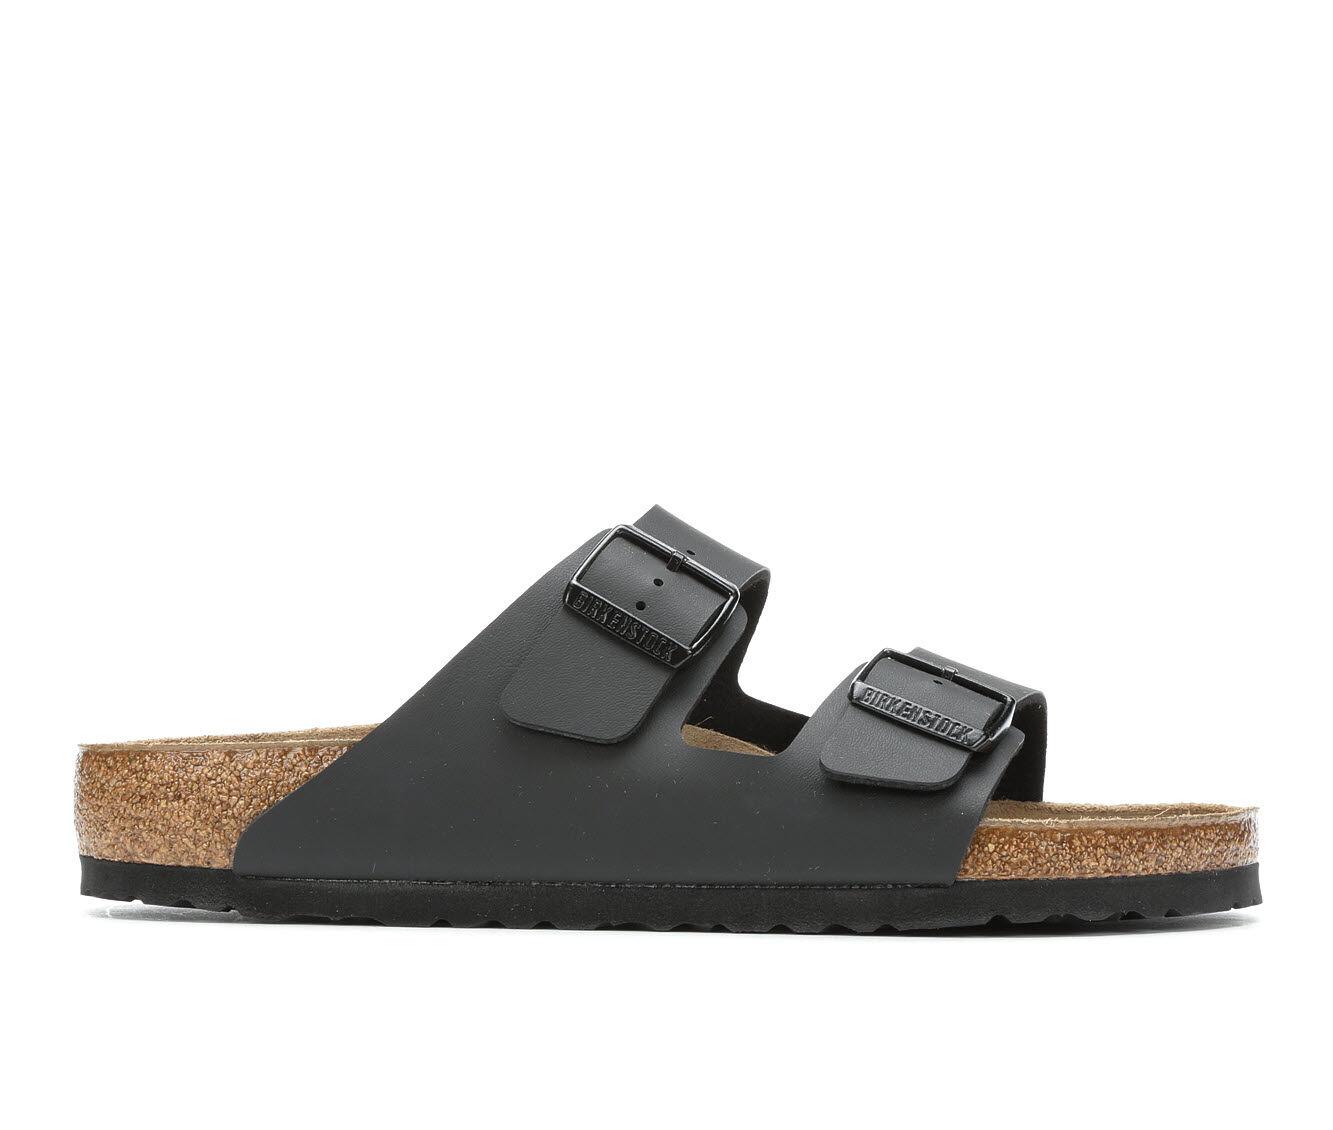 Women's Birkenstock Arizona Footbed Sandals Black